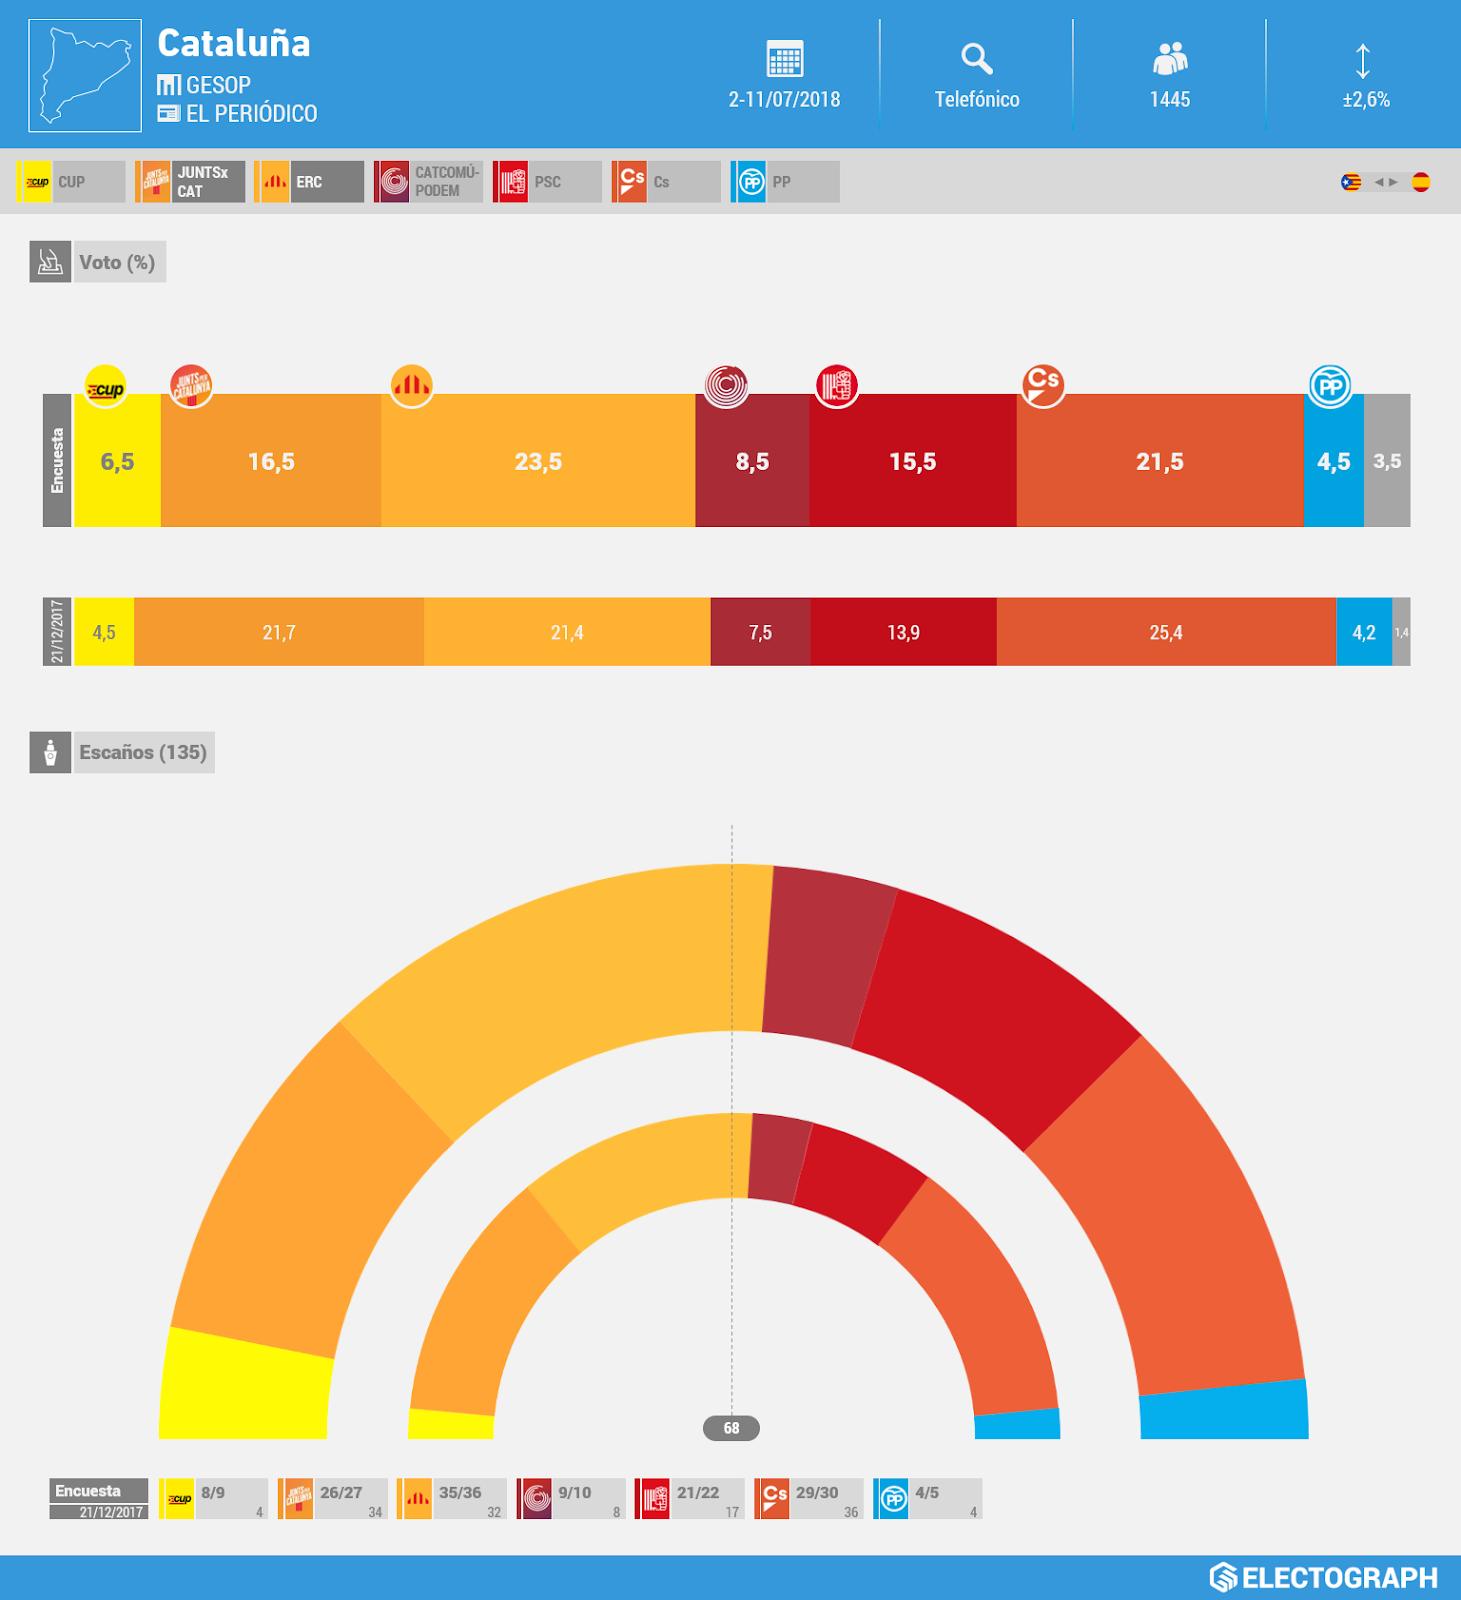 Gráfico de la encuesta para elecciones autonómicas en Cataluña realizada por GESOP para El Periódico en julio de 2018